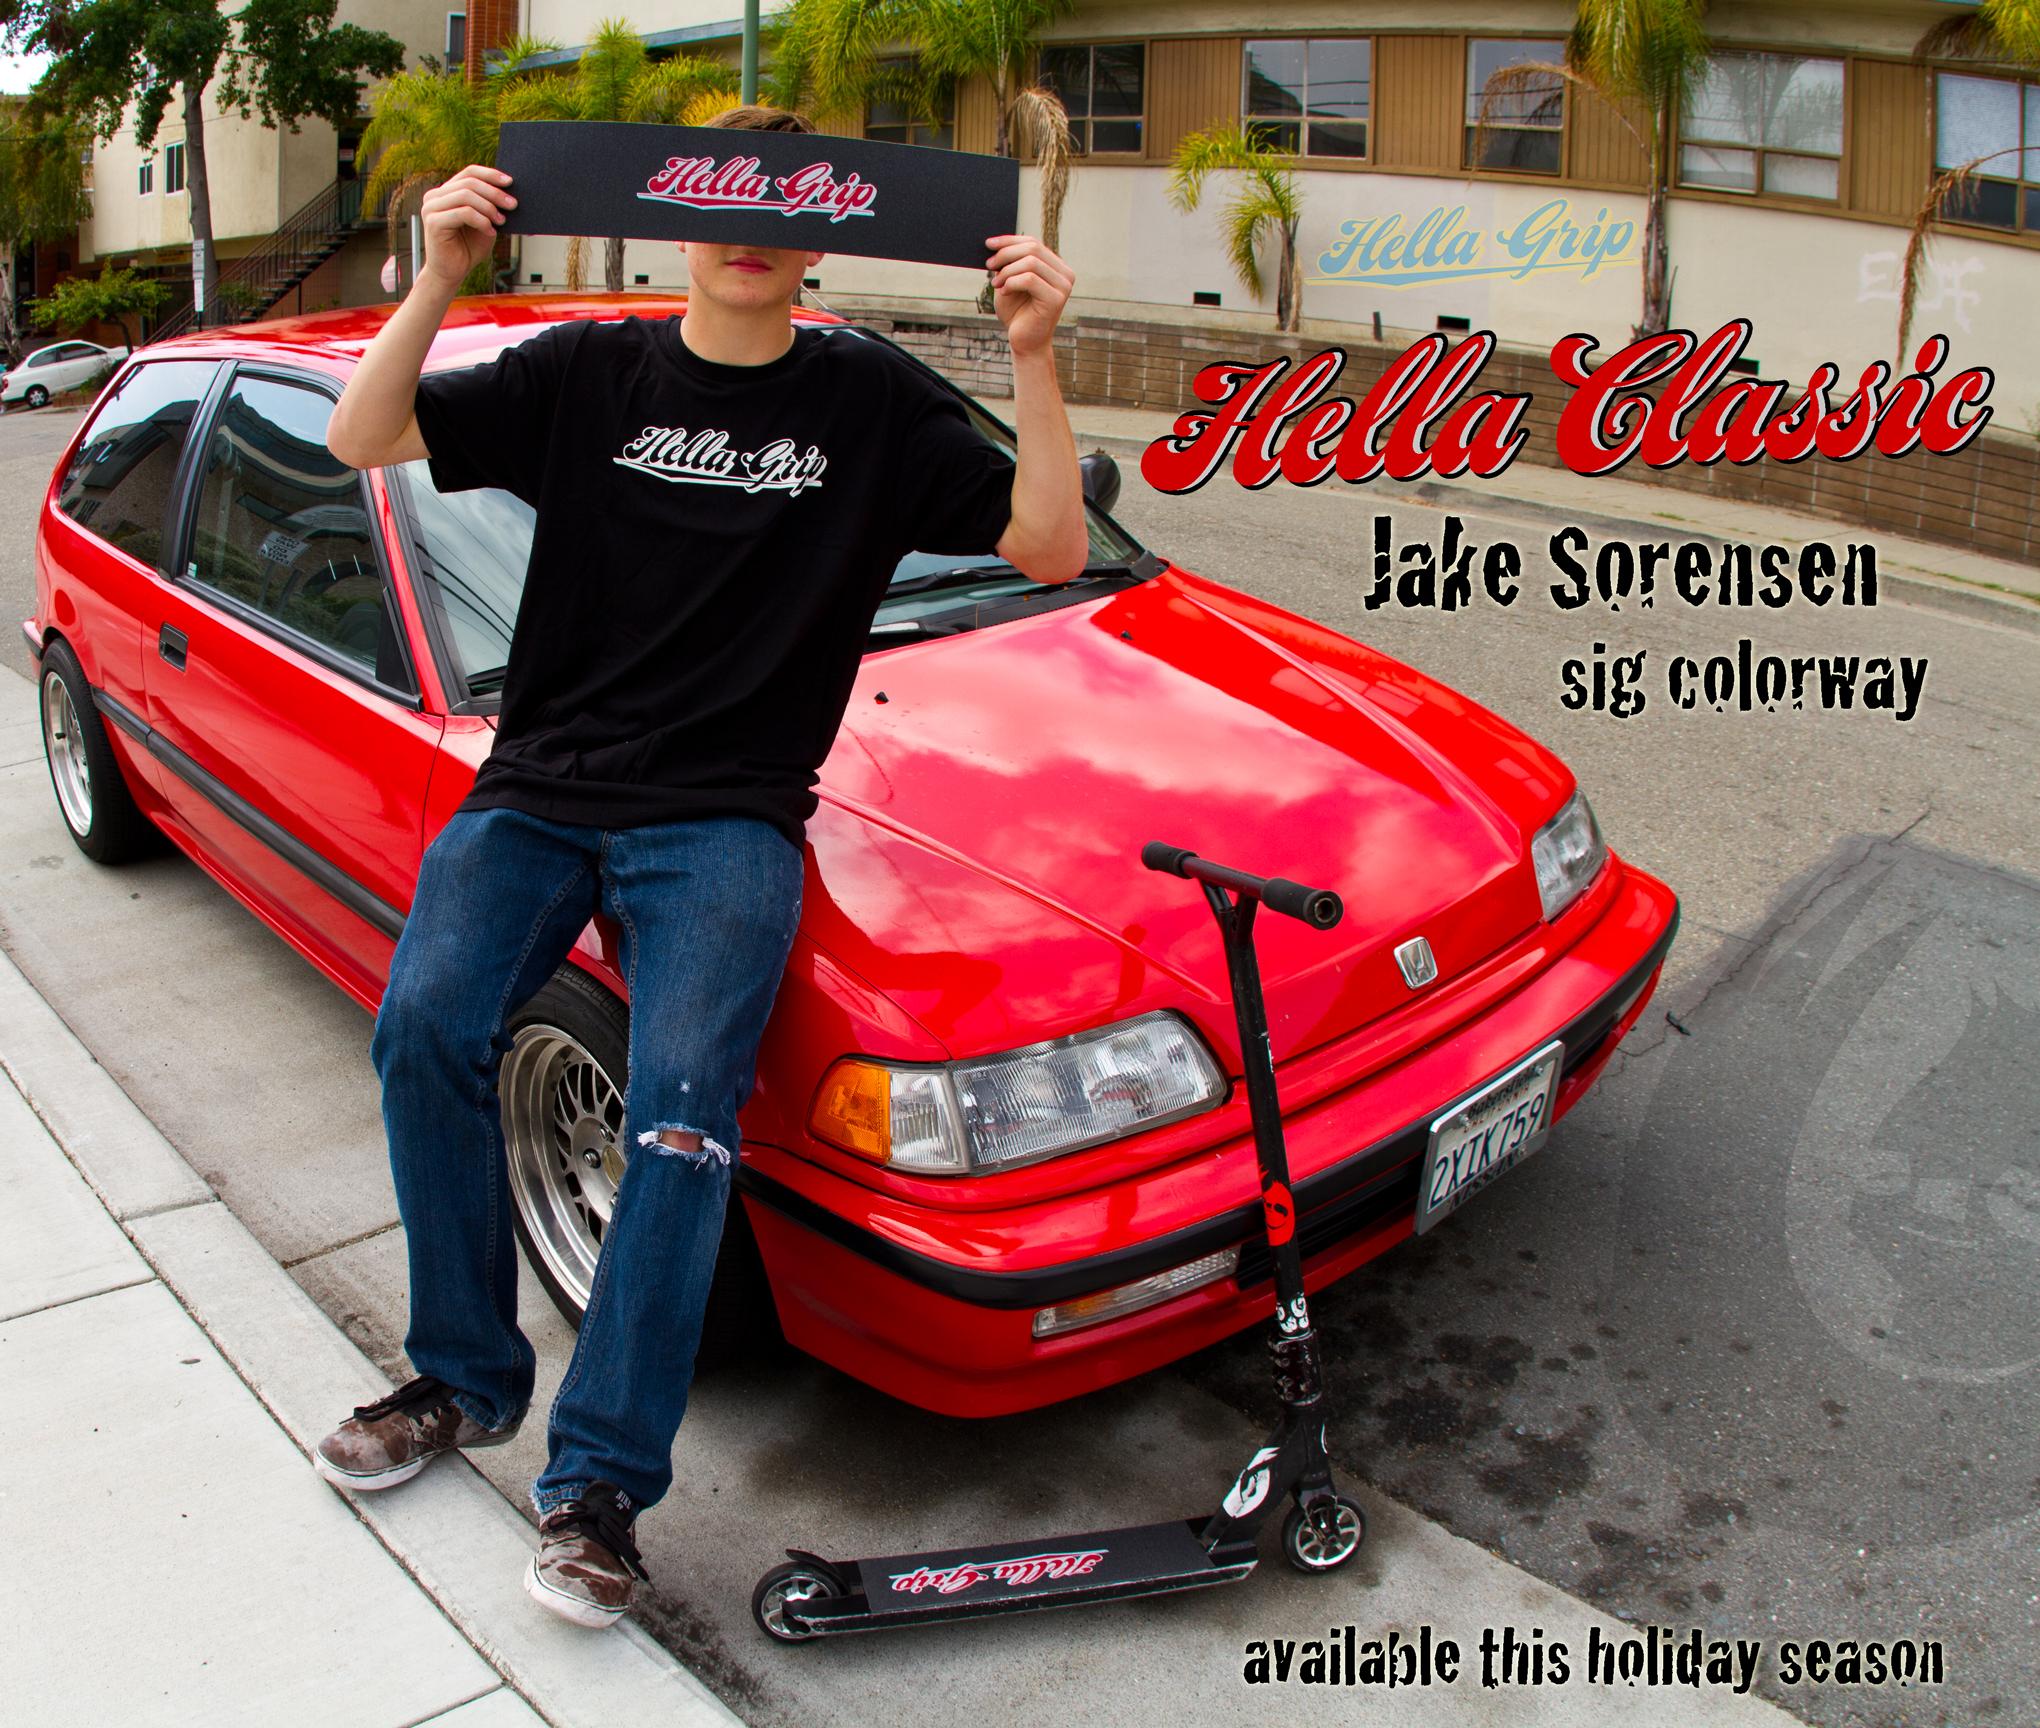 Jake Sorensen | HG Colorway Ad 2014